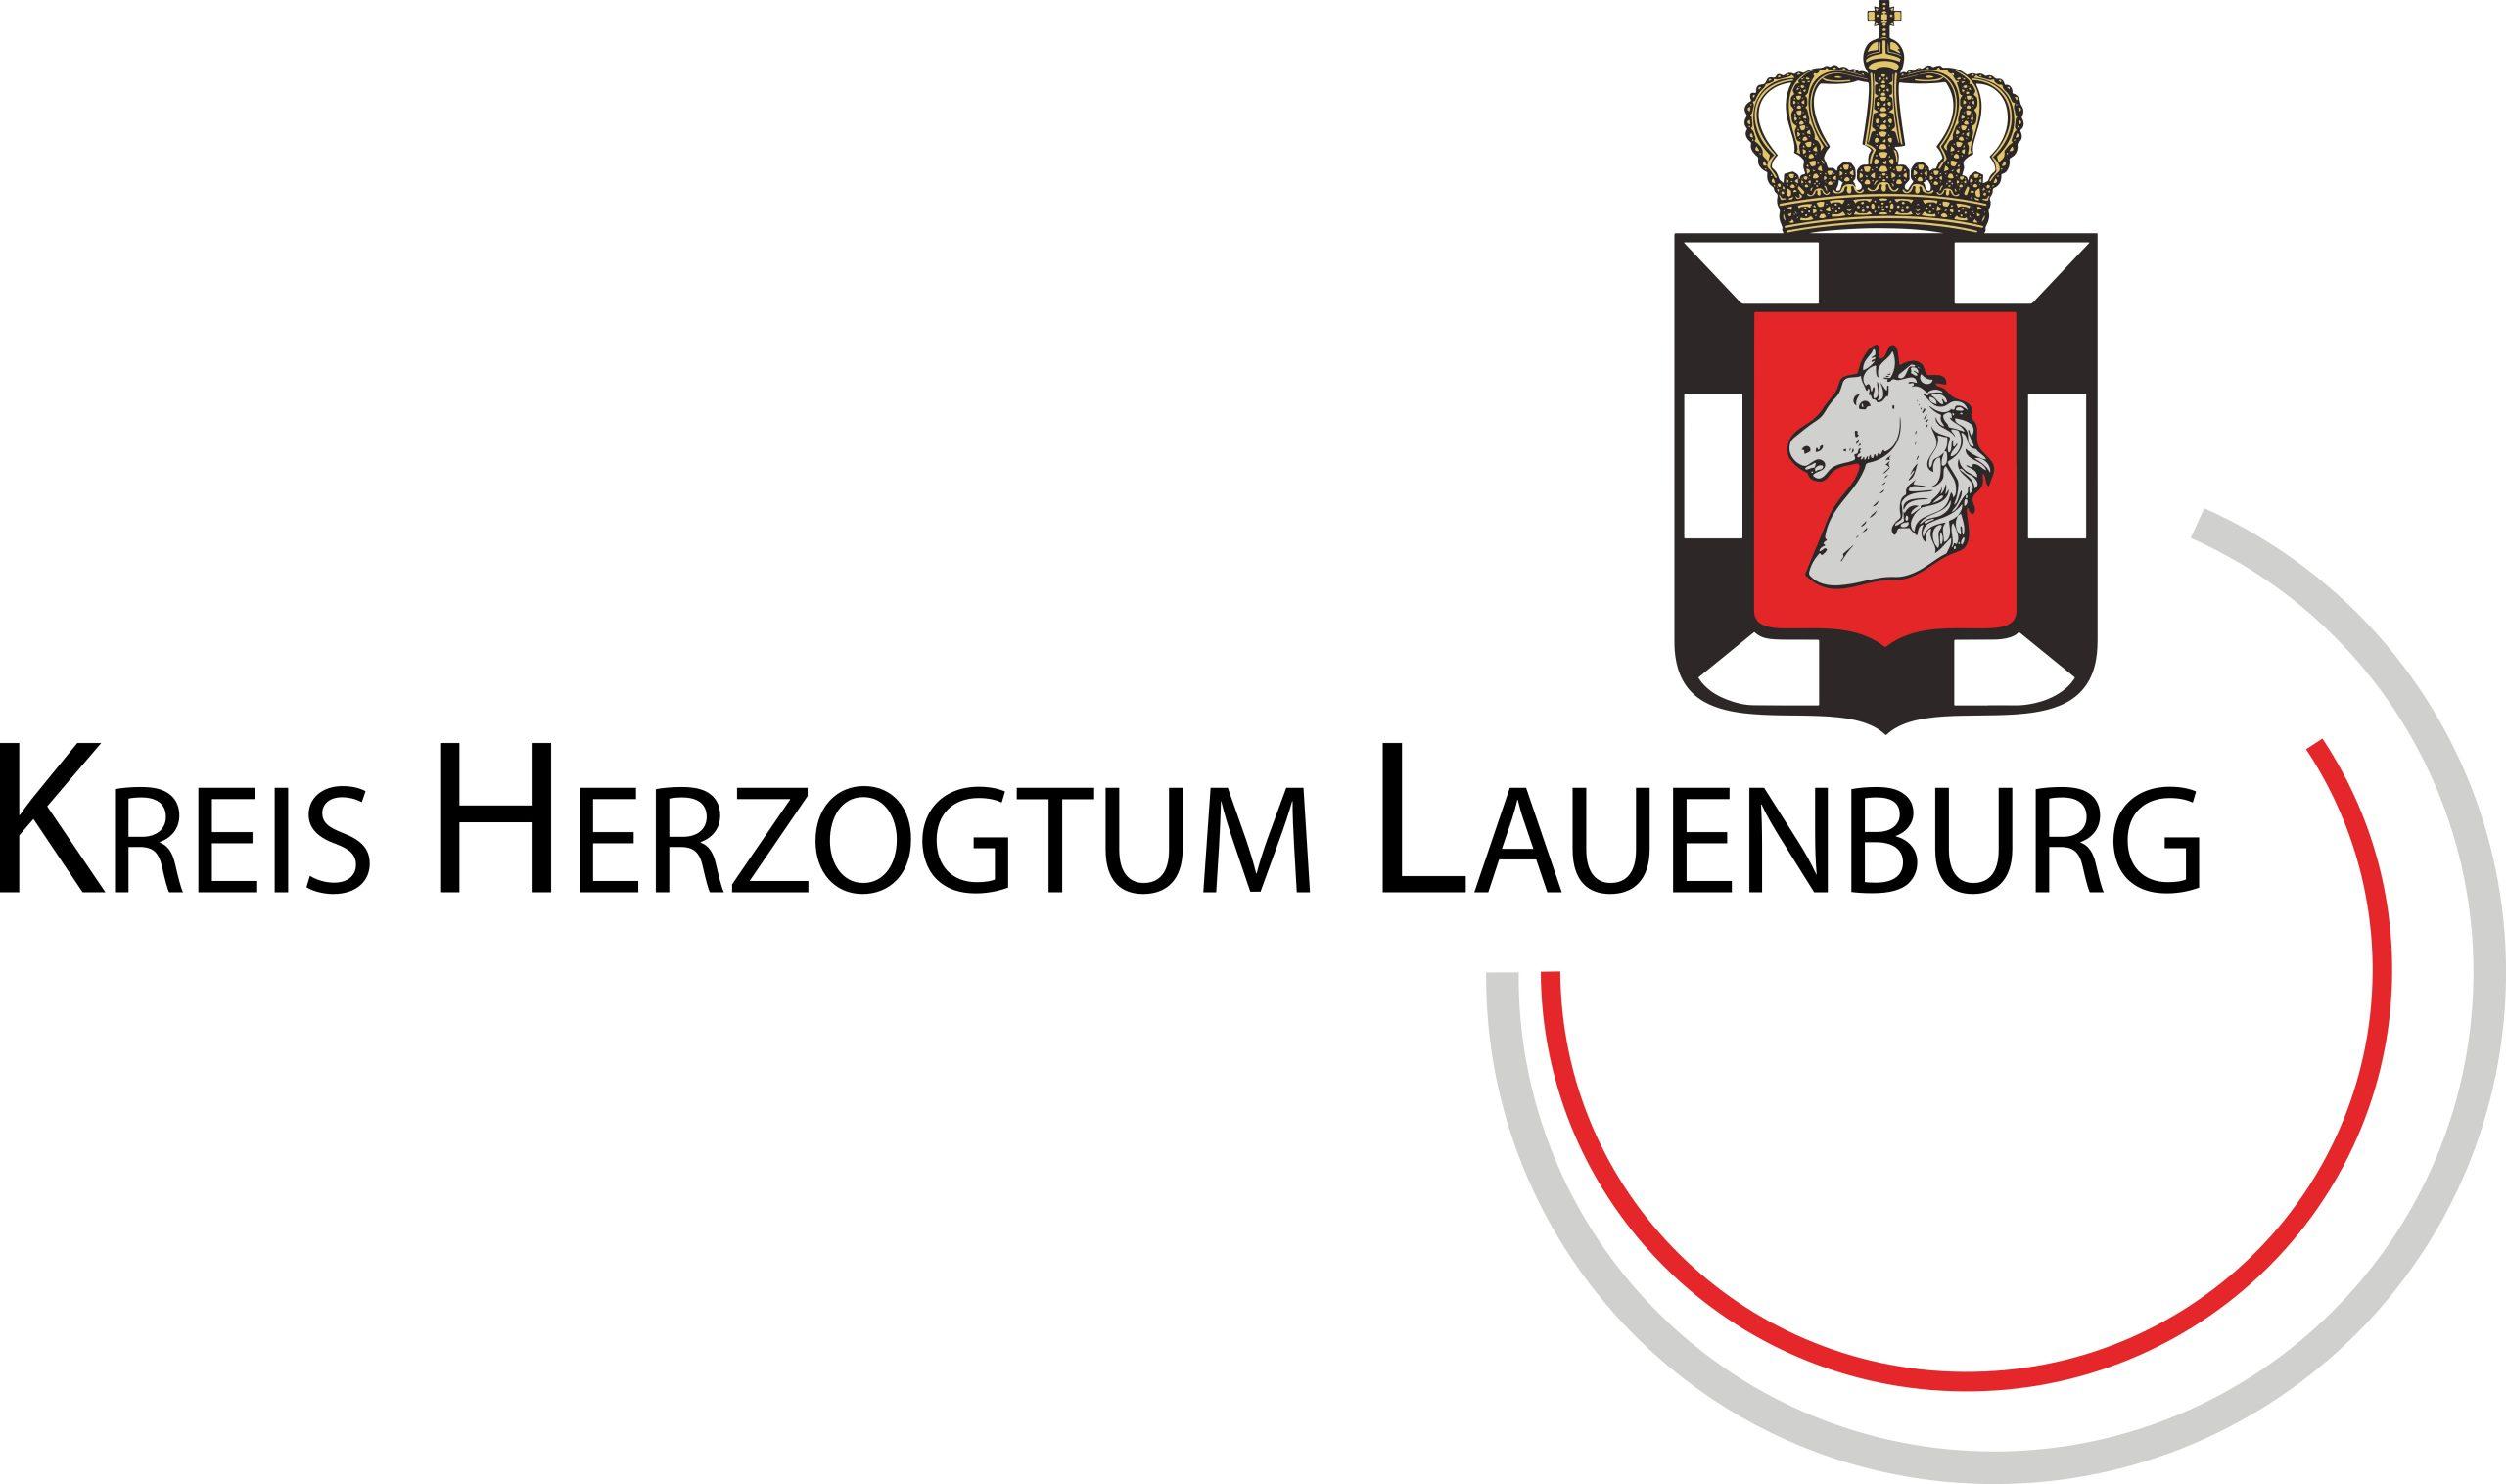 Herzogtum Lauenburg Marketing und Service GmbH